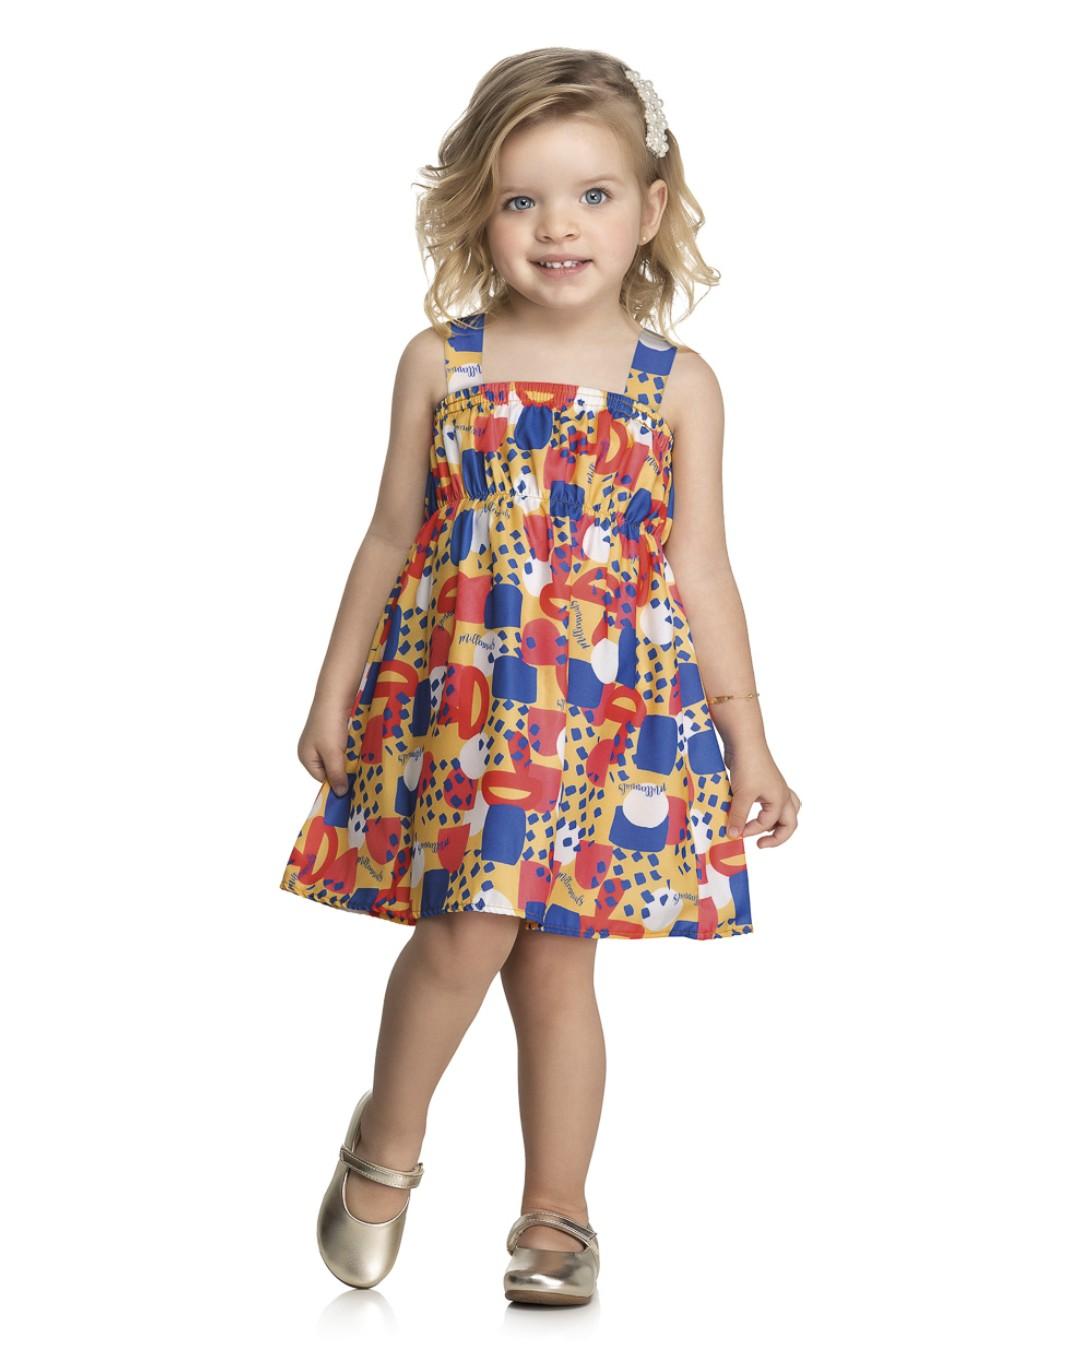 Vestido Infantil Bolinhas Coloridas - Kely & Kety